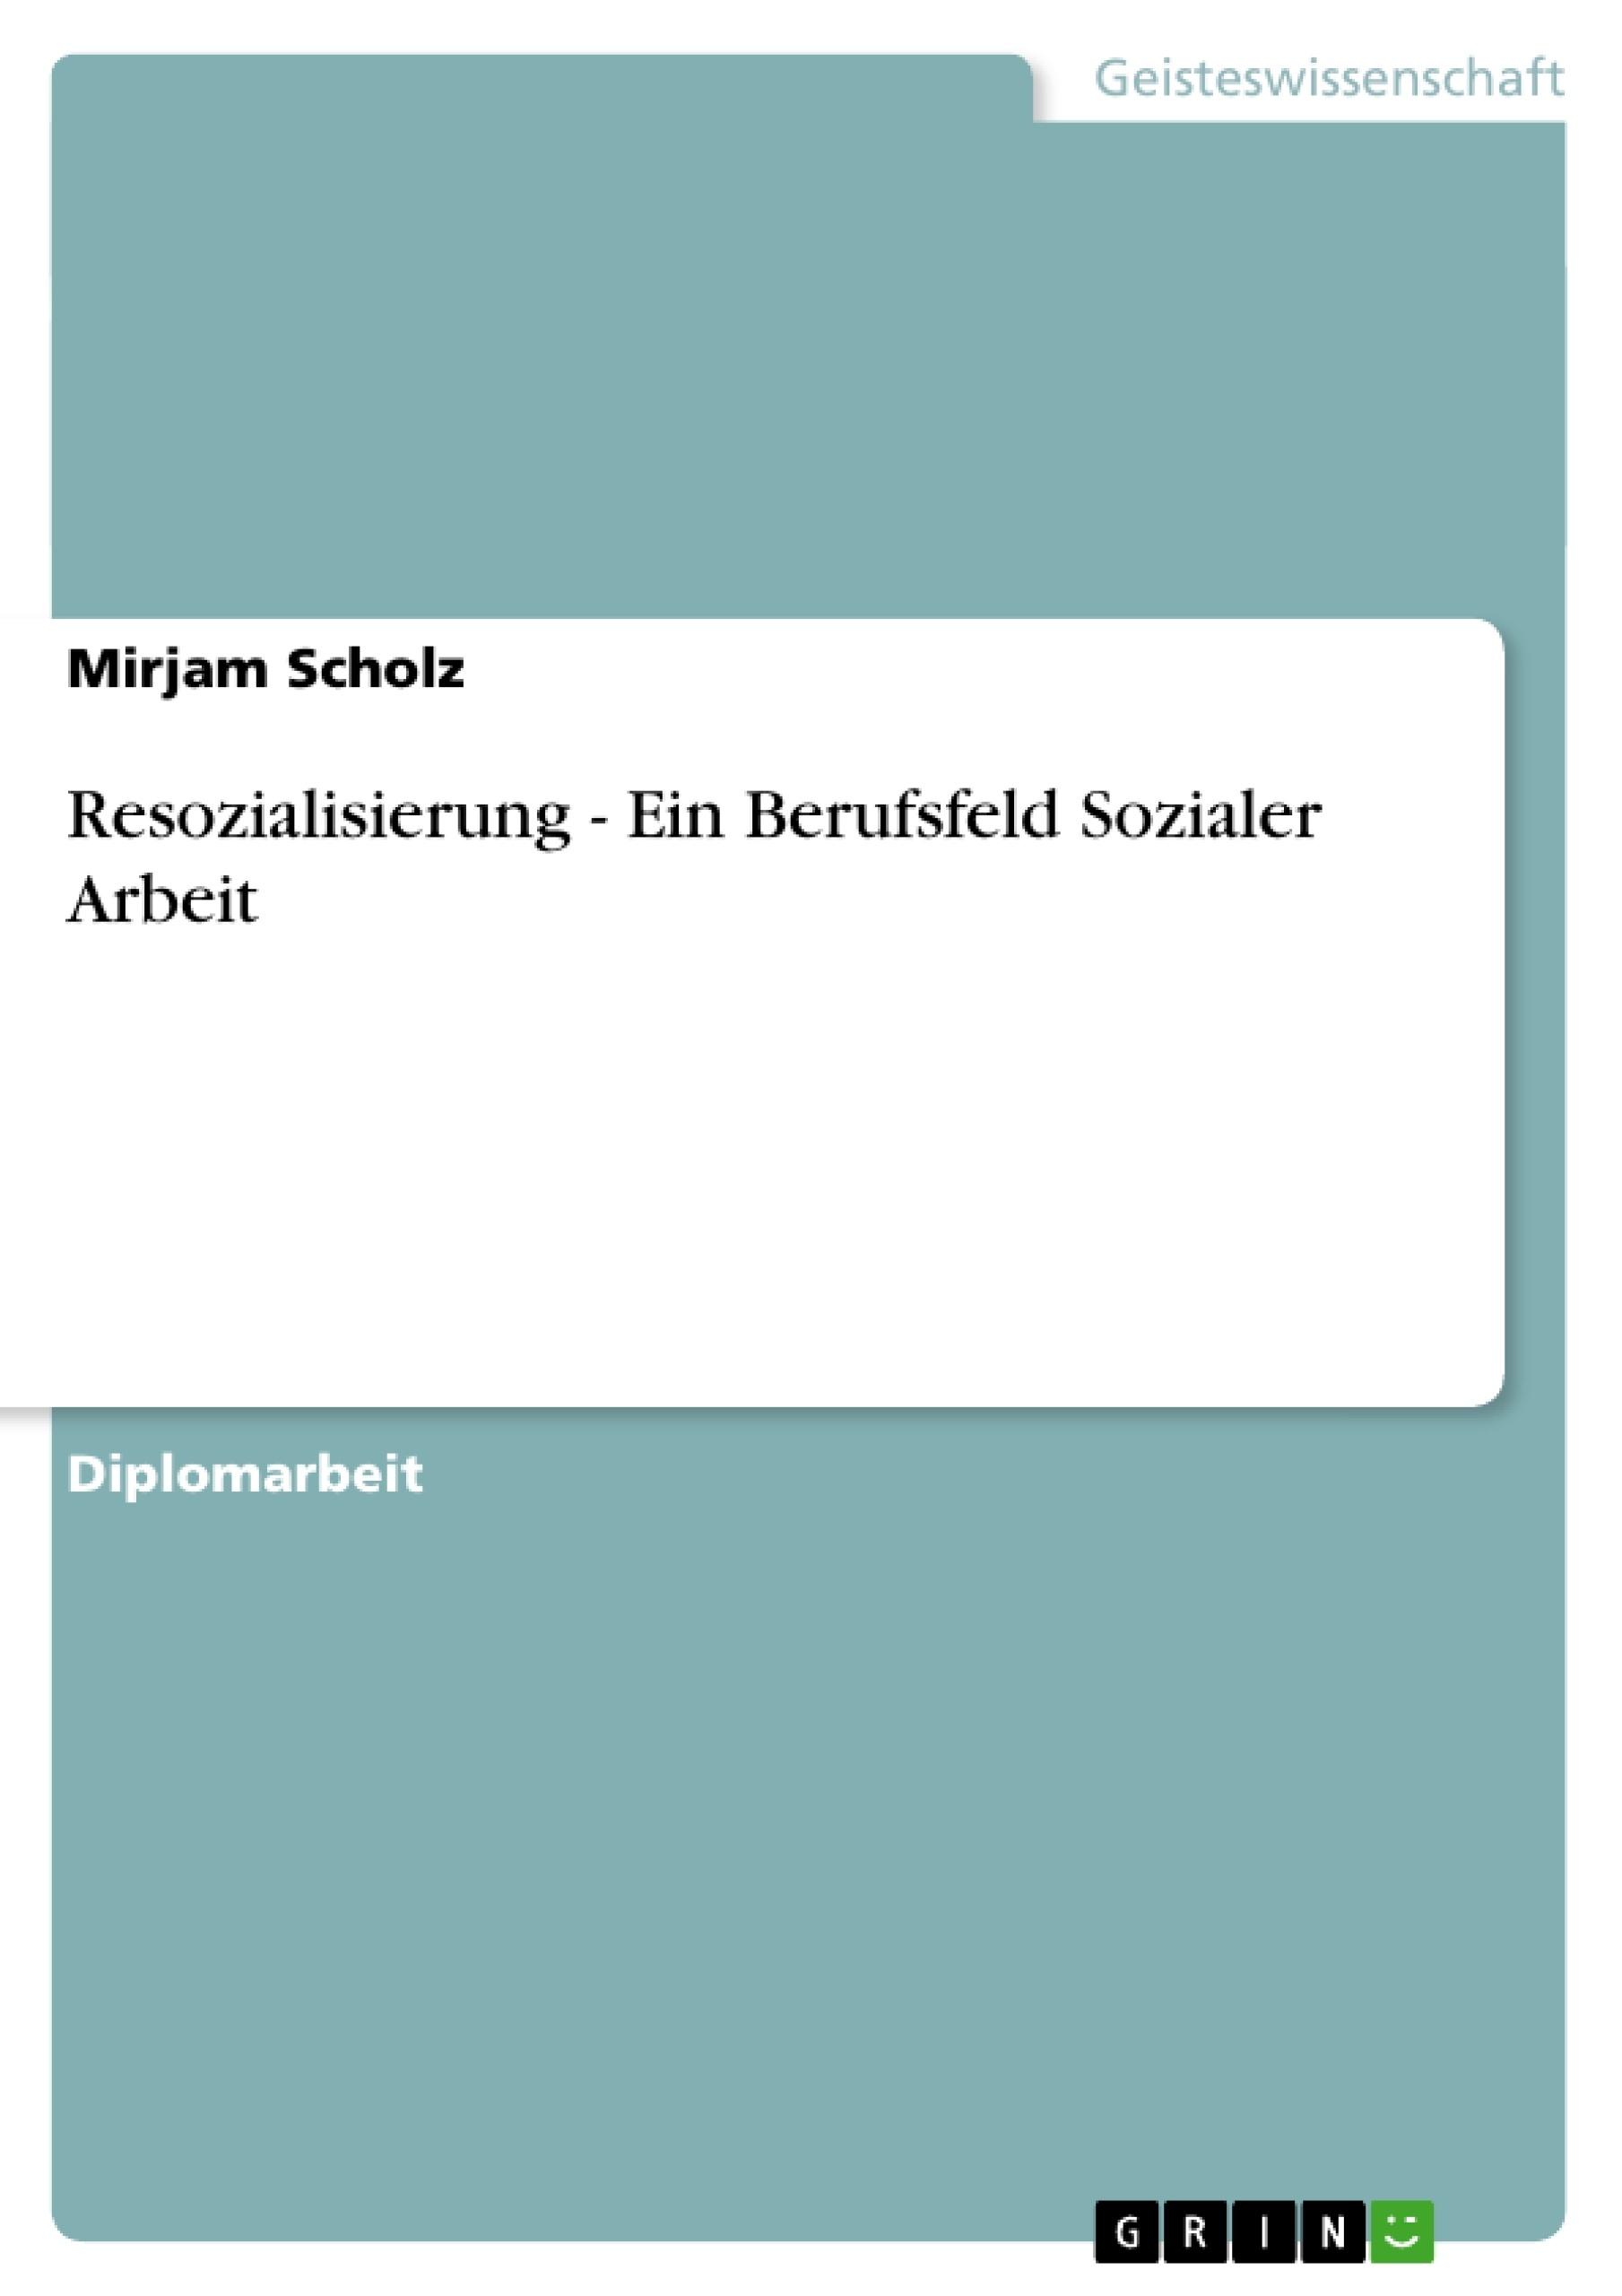 Titel: Resozialisierung -  Ein Berufsfeld Sozialer Arbeit